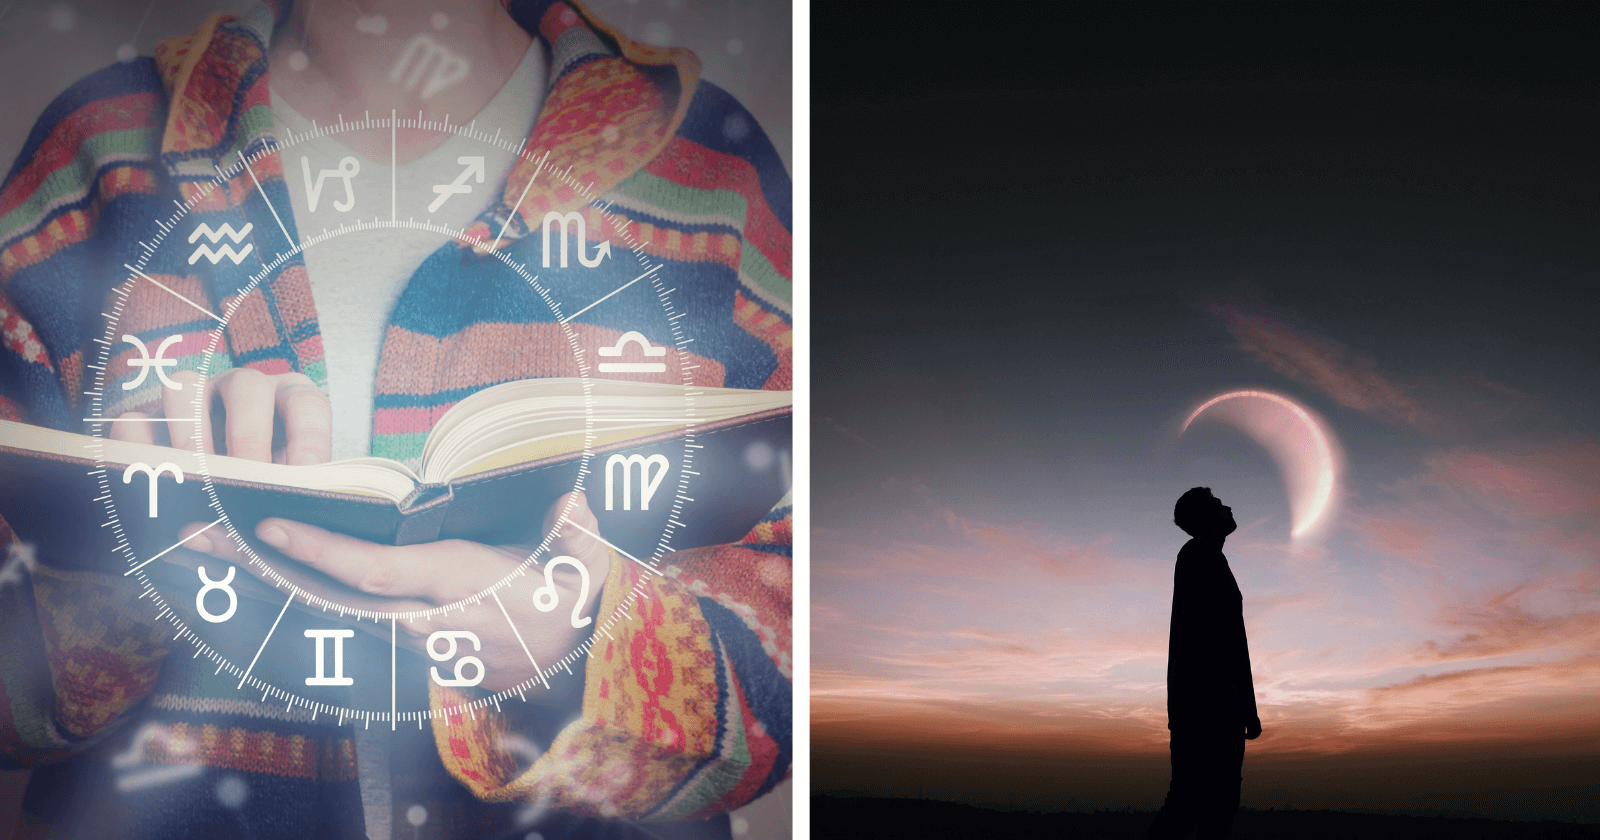 Fundo do Céu no Mapa Astral: compreendendo as revelações de CADA SIGNO